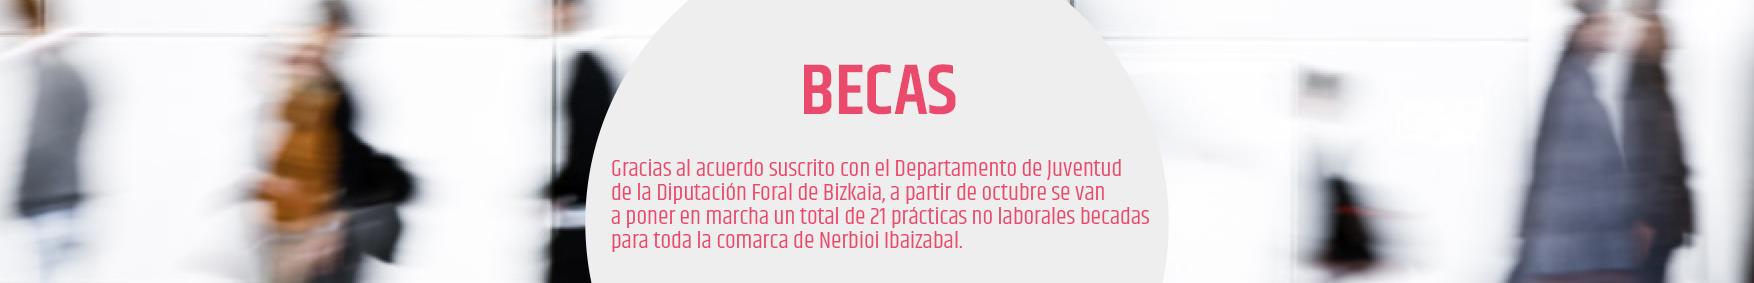 Becas-C